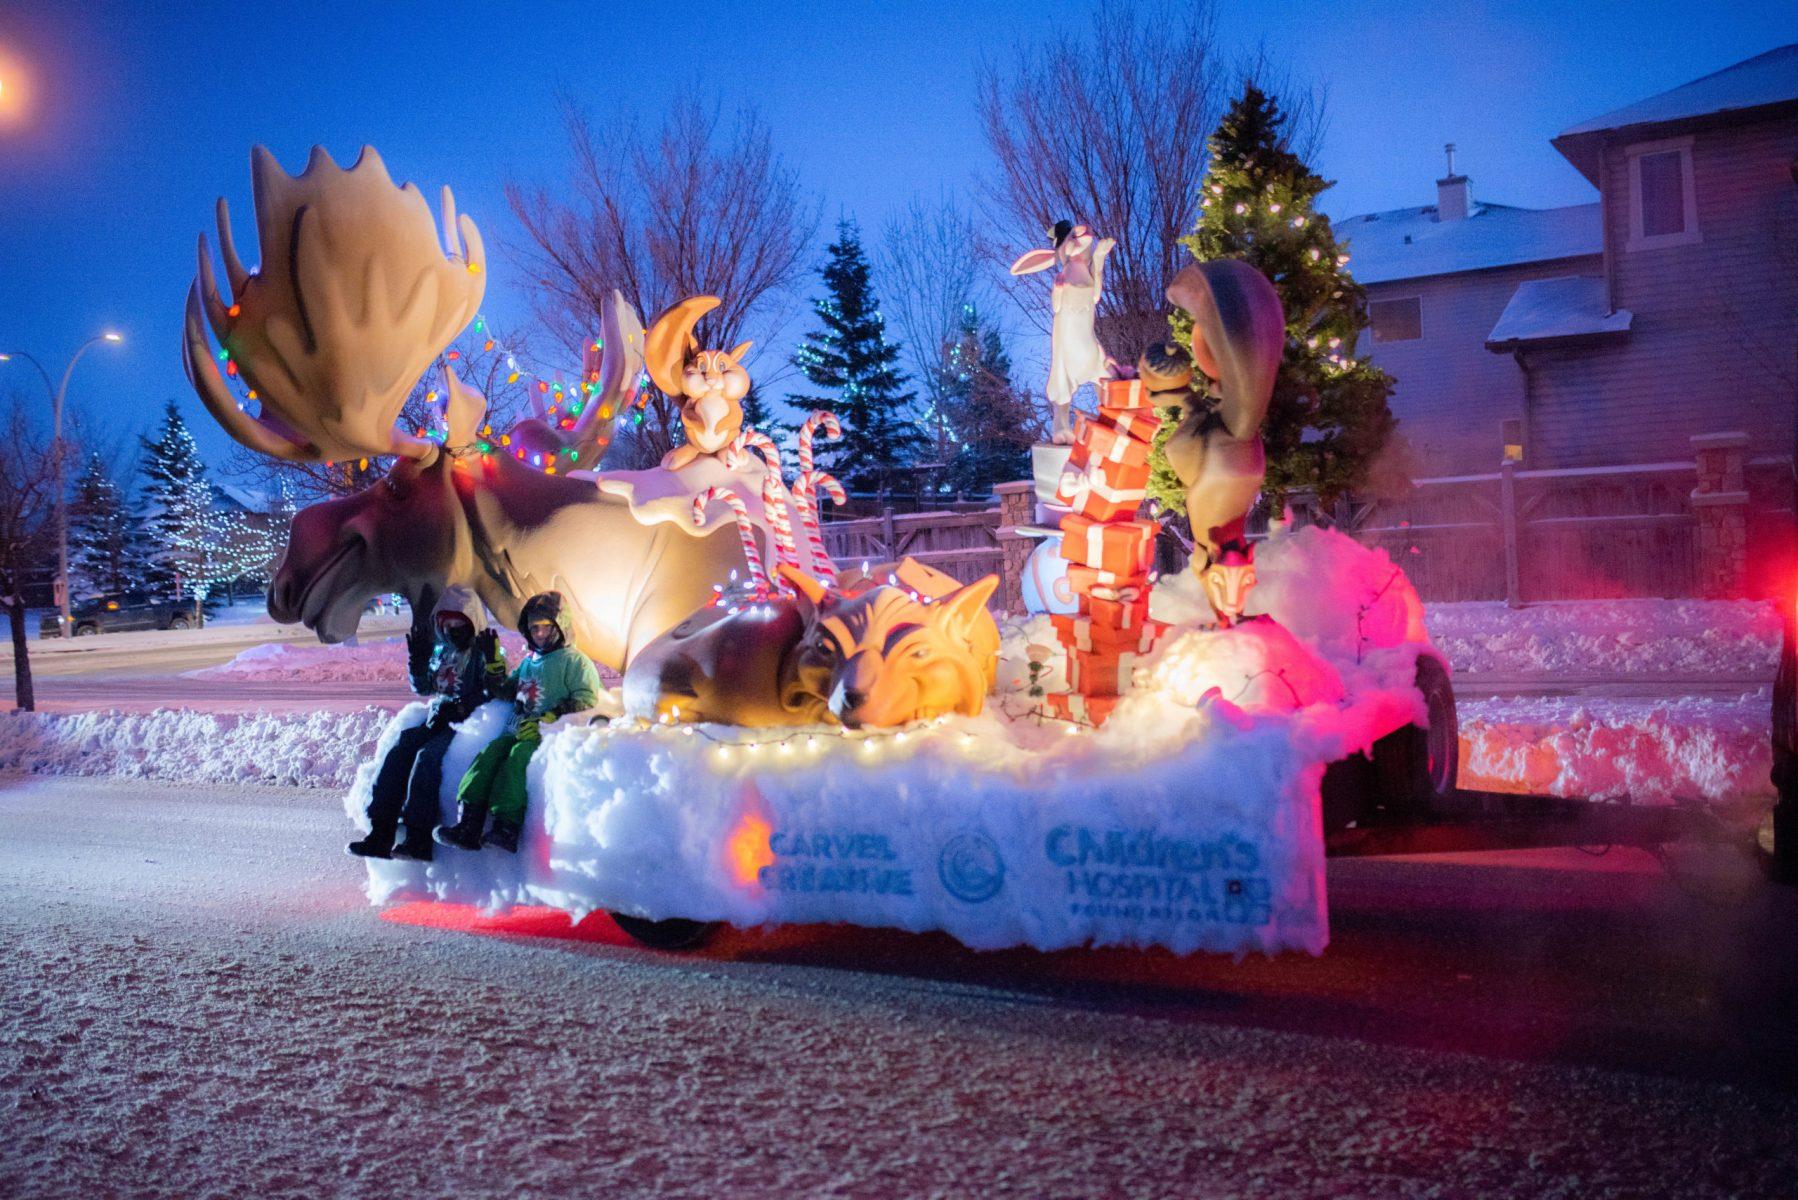 Auburn-Bay-Christmas-Parade-2019-88-scaled